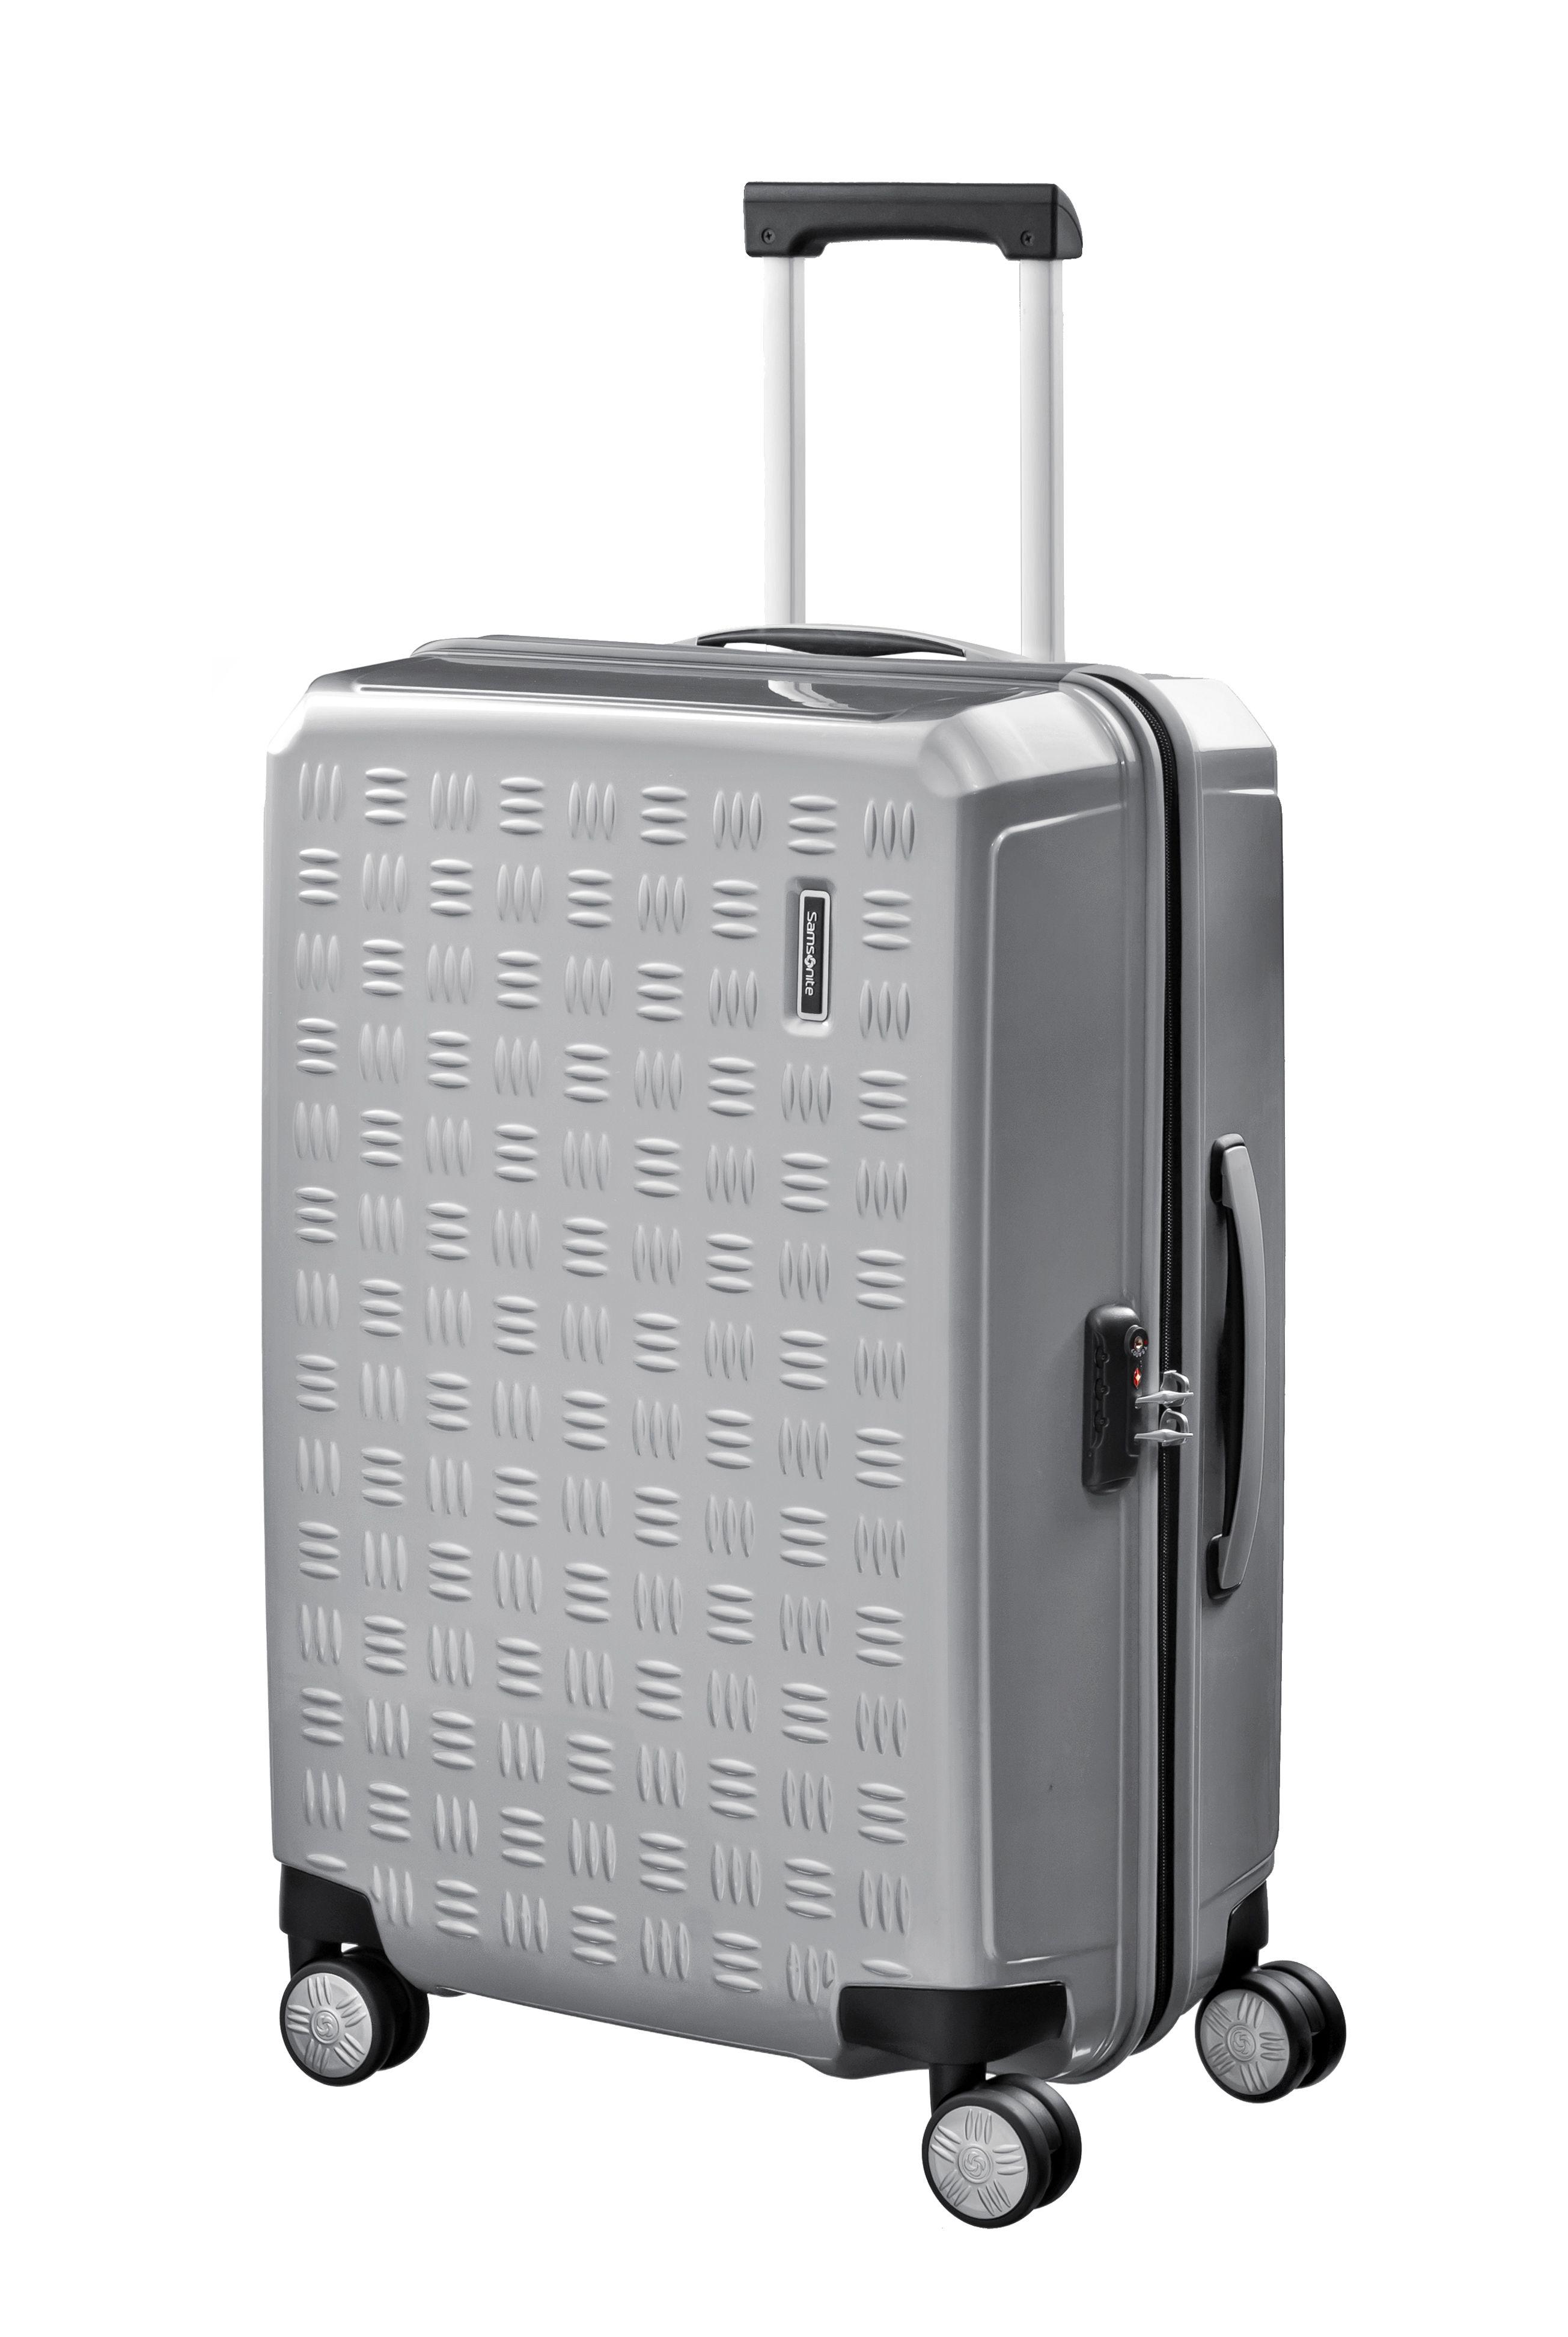 Alu-Box Aluminium 69cm #Samsonite #AluBox #Travel #Suitcase ...